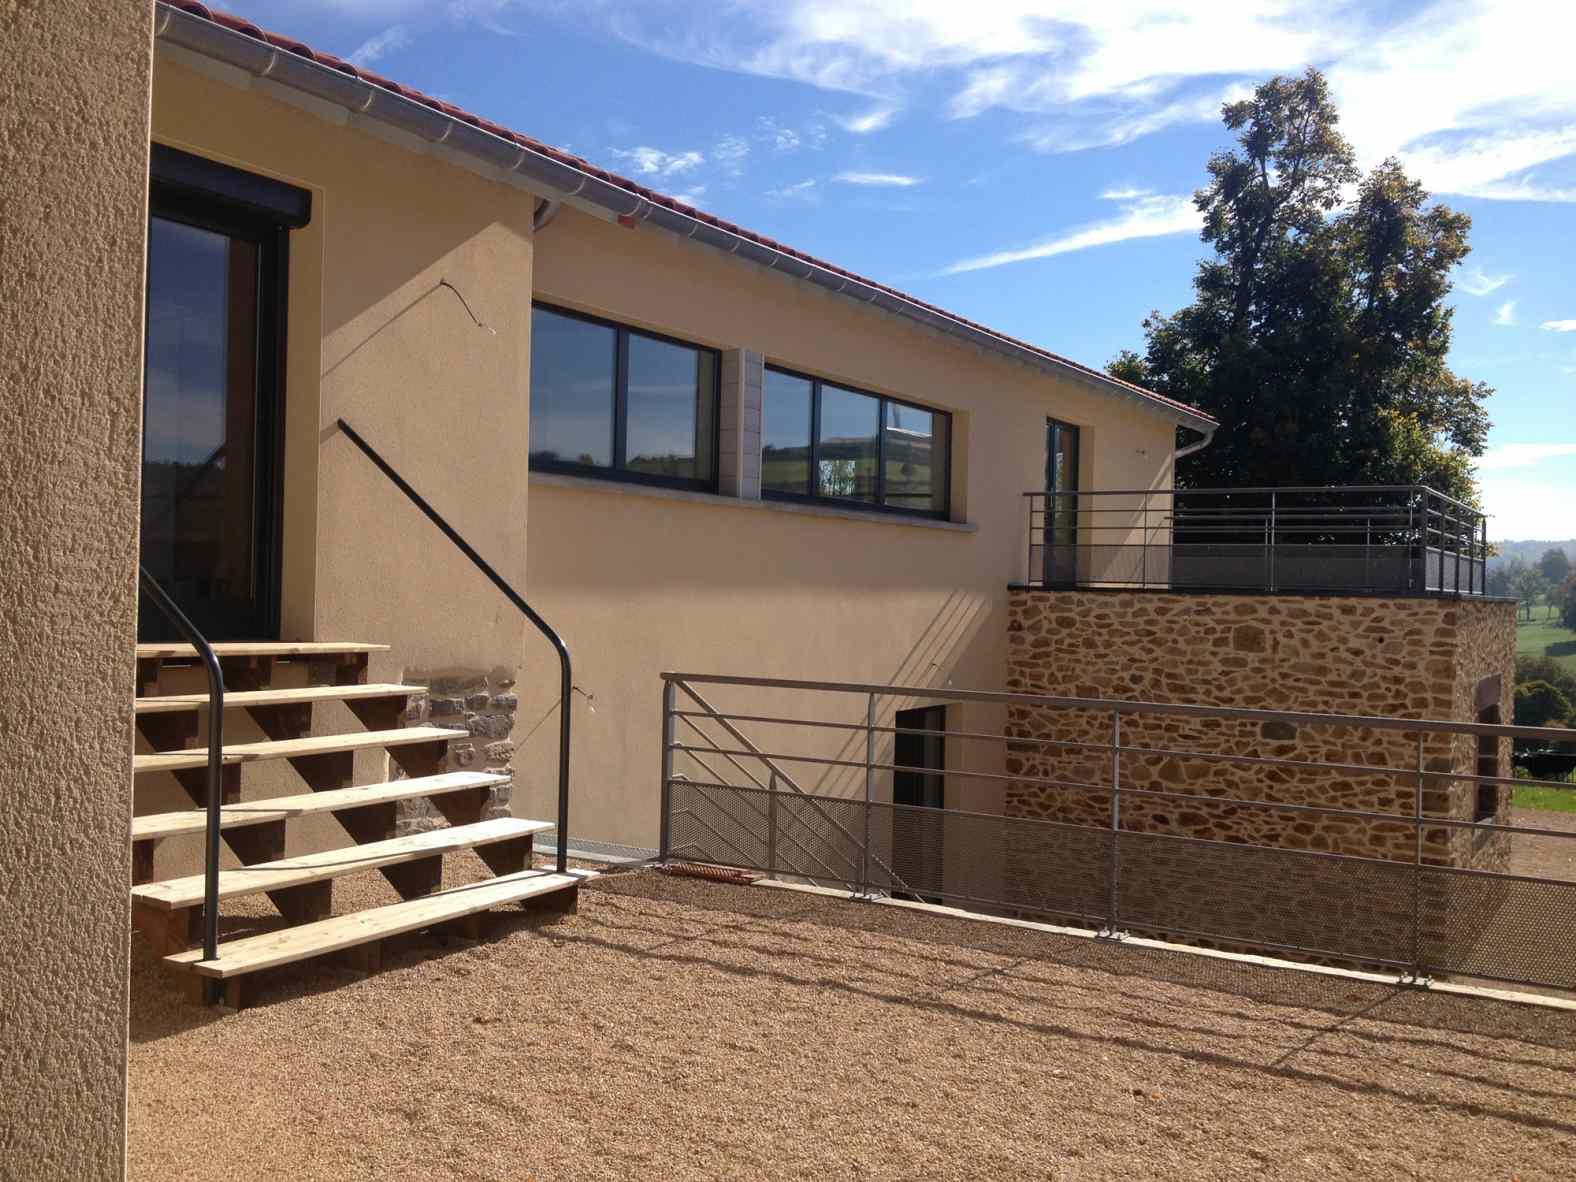 eco construction d 39 une maison en b ton cellulaire ally. Black Bedroom Furniture Sets. Home Design Ideas